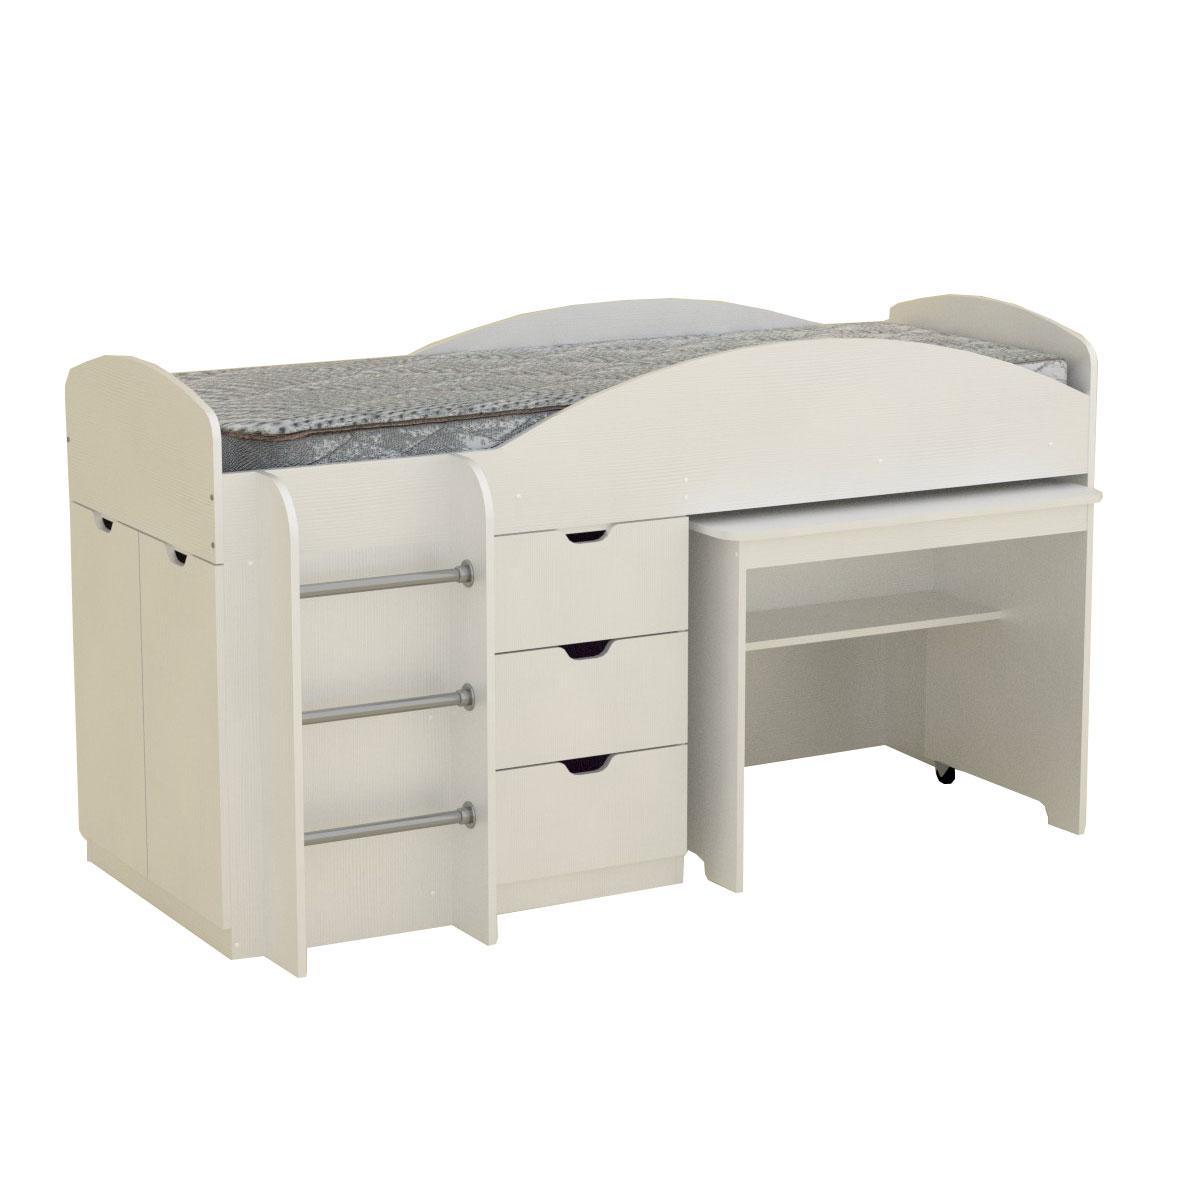 Кровать с матрасом ЭКО-52 Универсал белый компанит (194х89х106 см)